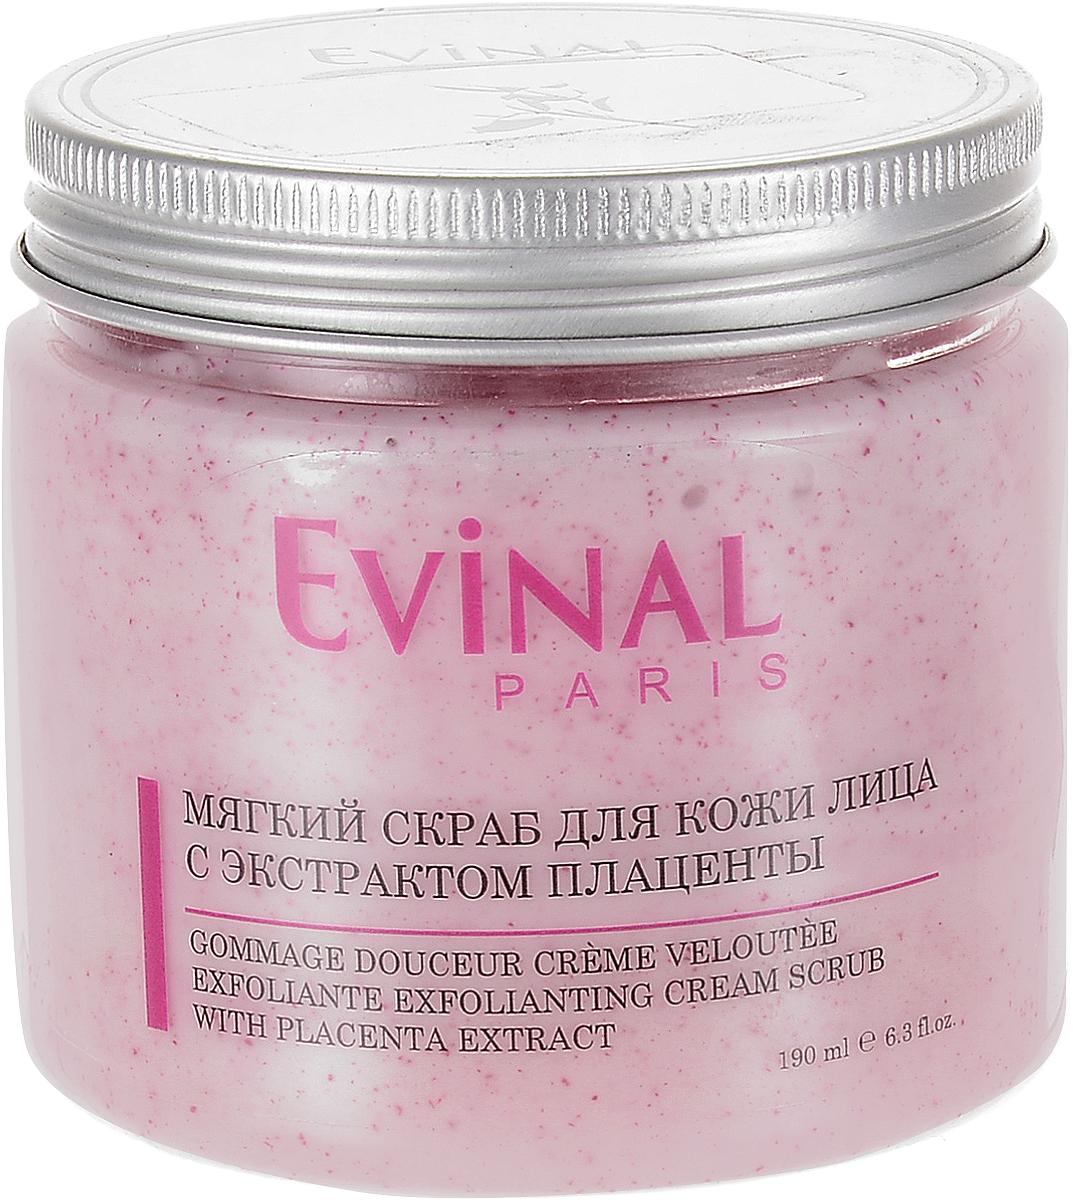 Скраб для кожи лица Evinal с экстрактом плаценты, 190 мл387